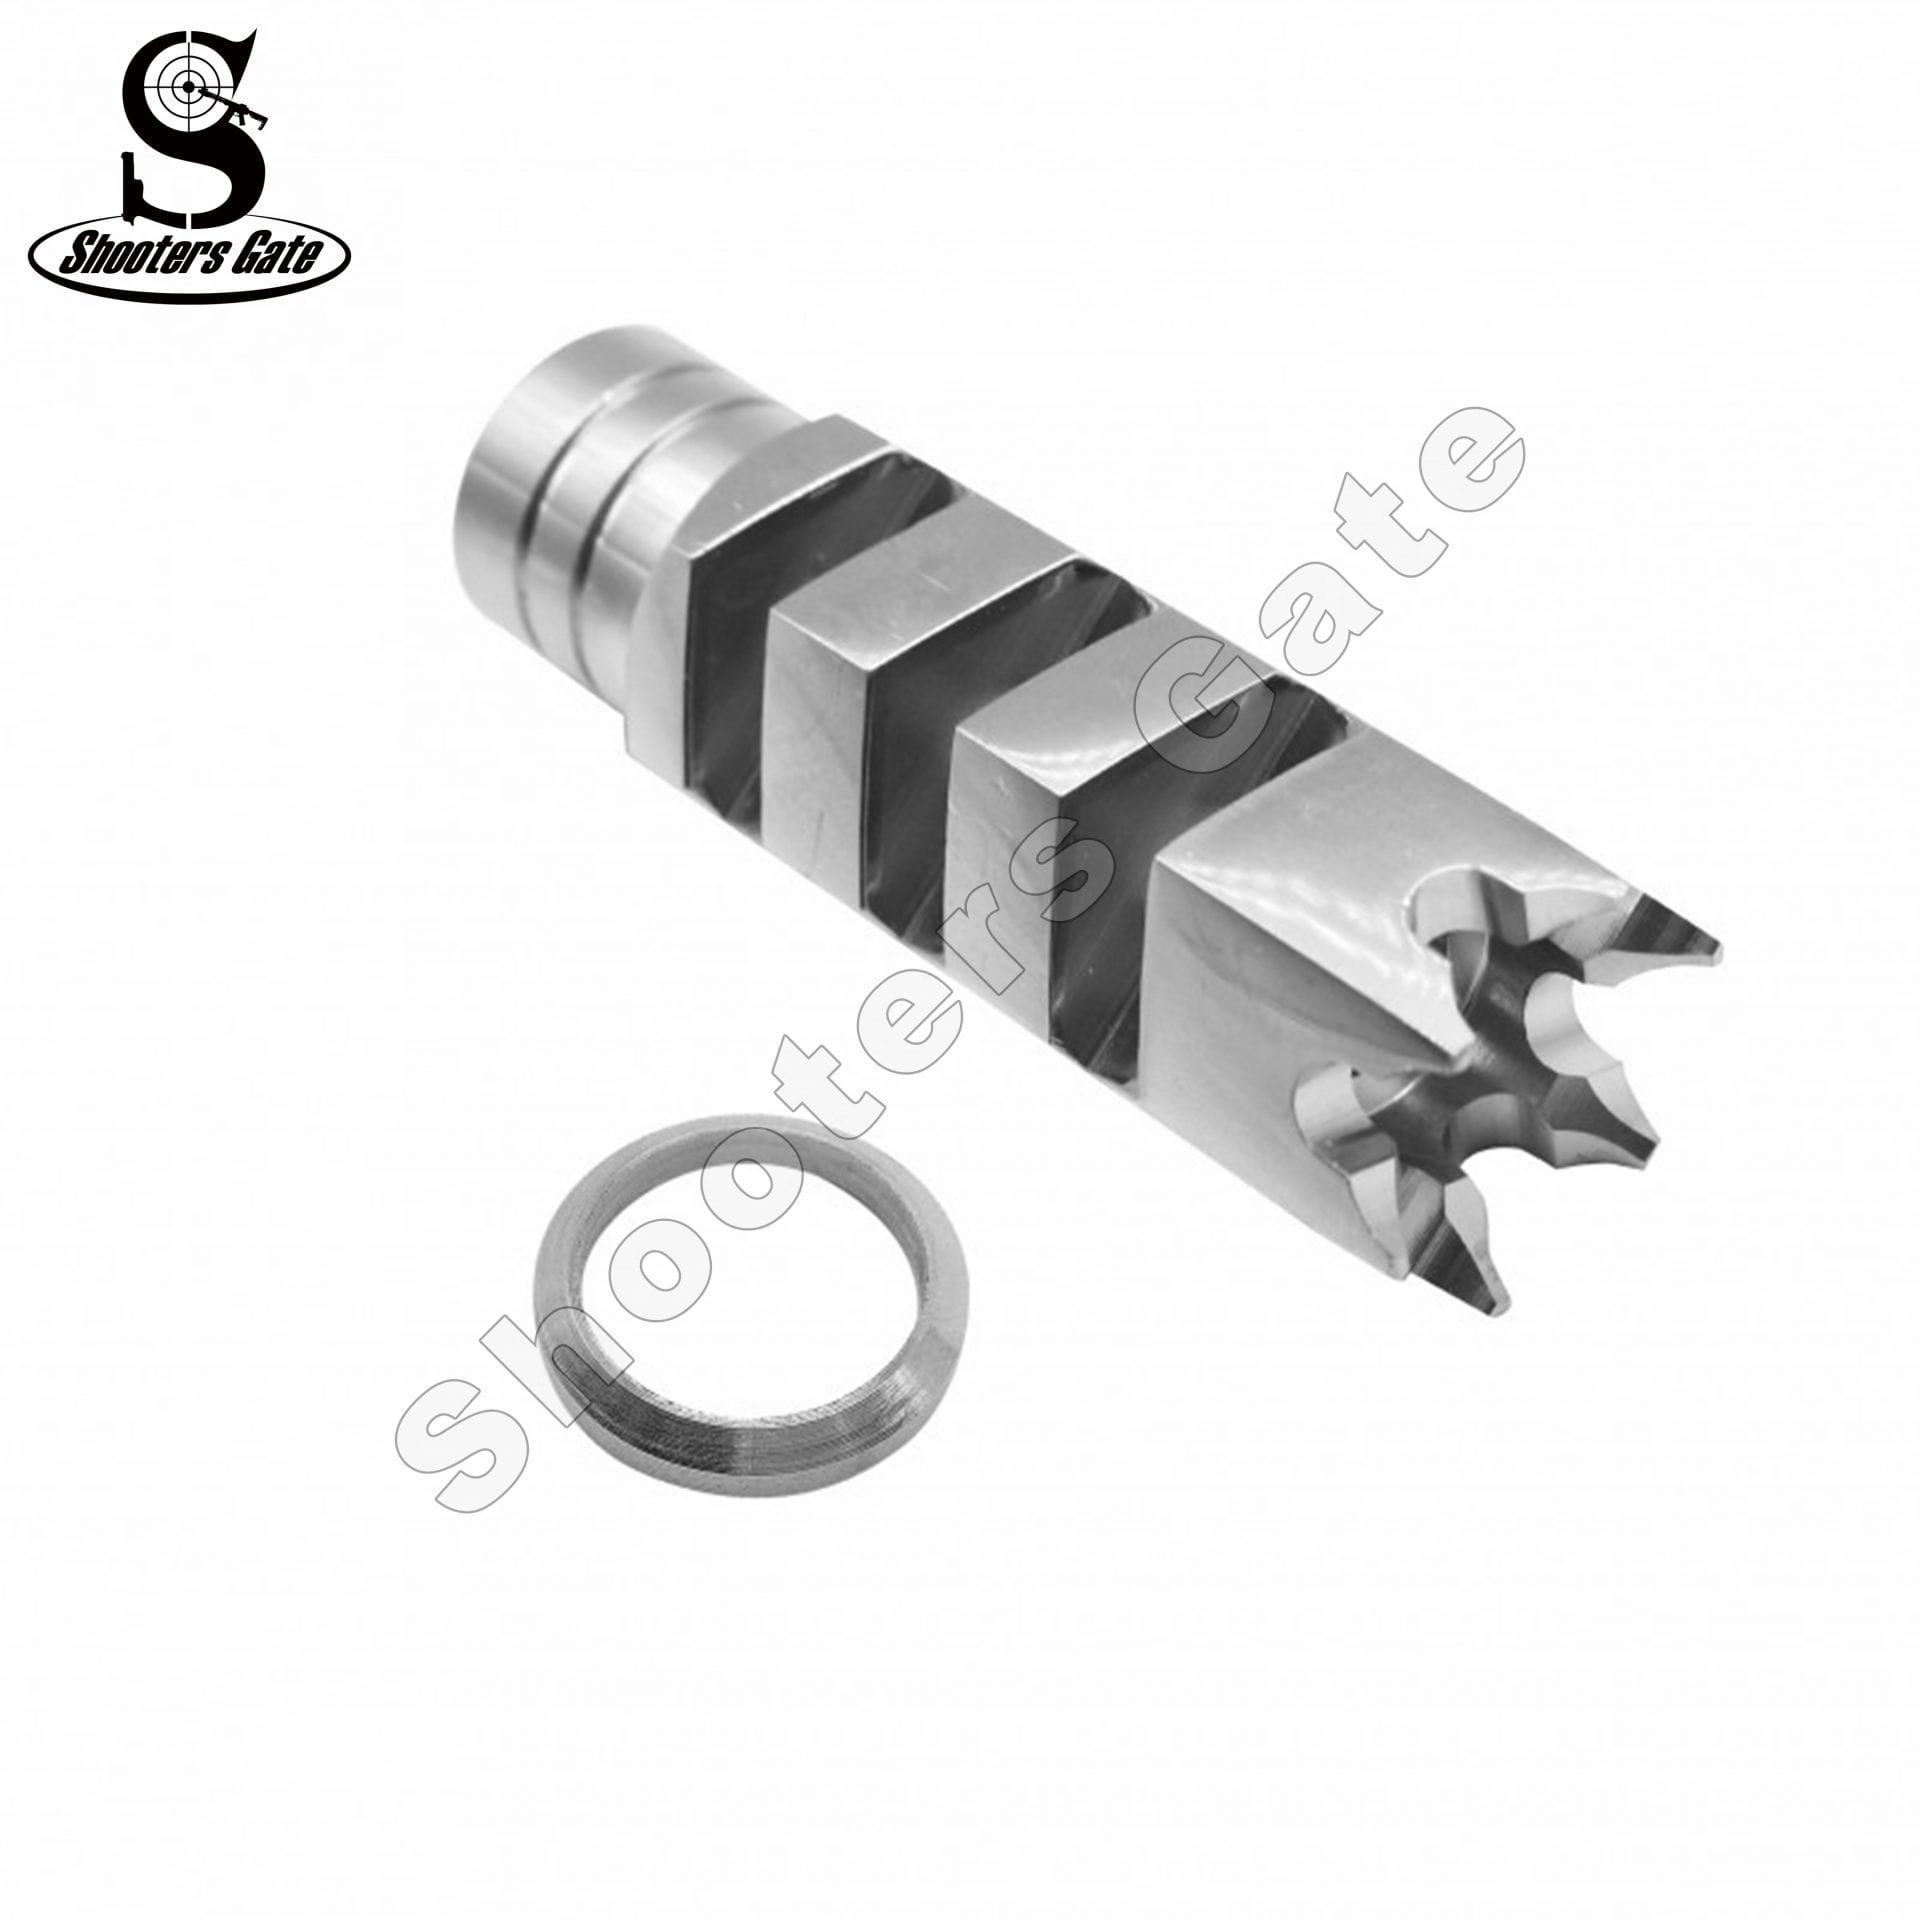 AR10 .308/AR15 300Blackout Muzzle Break 5/8x24 Thread S.S